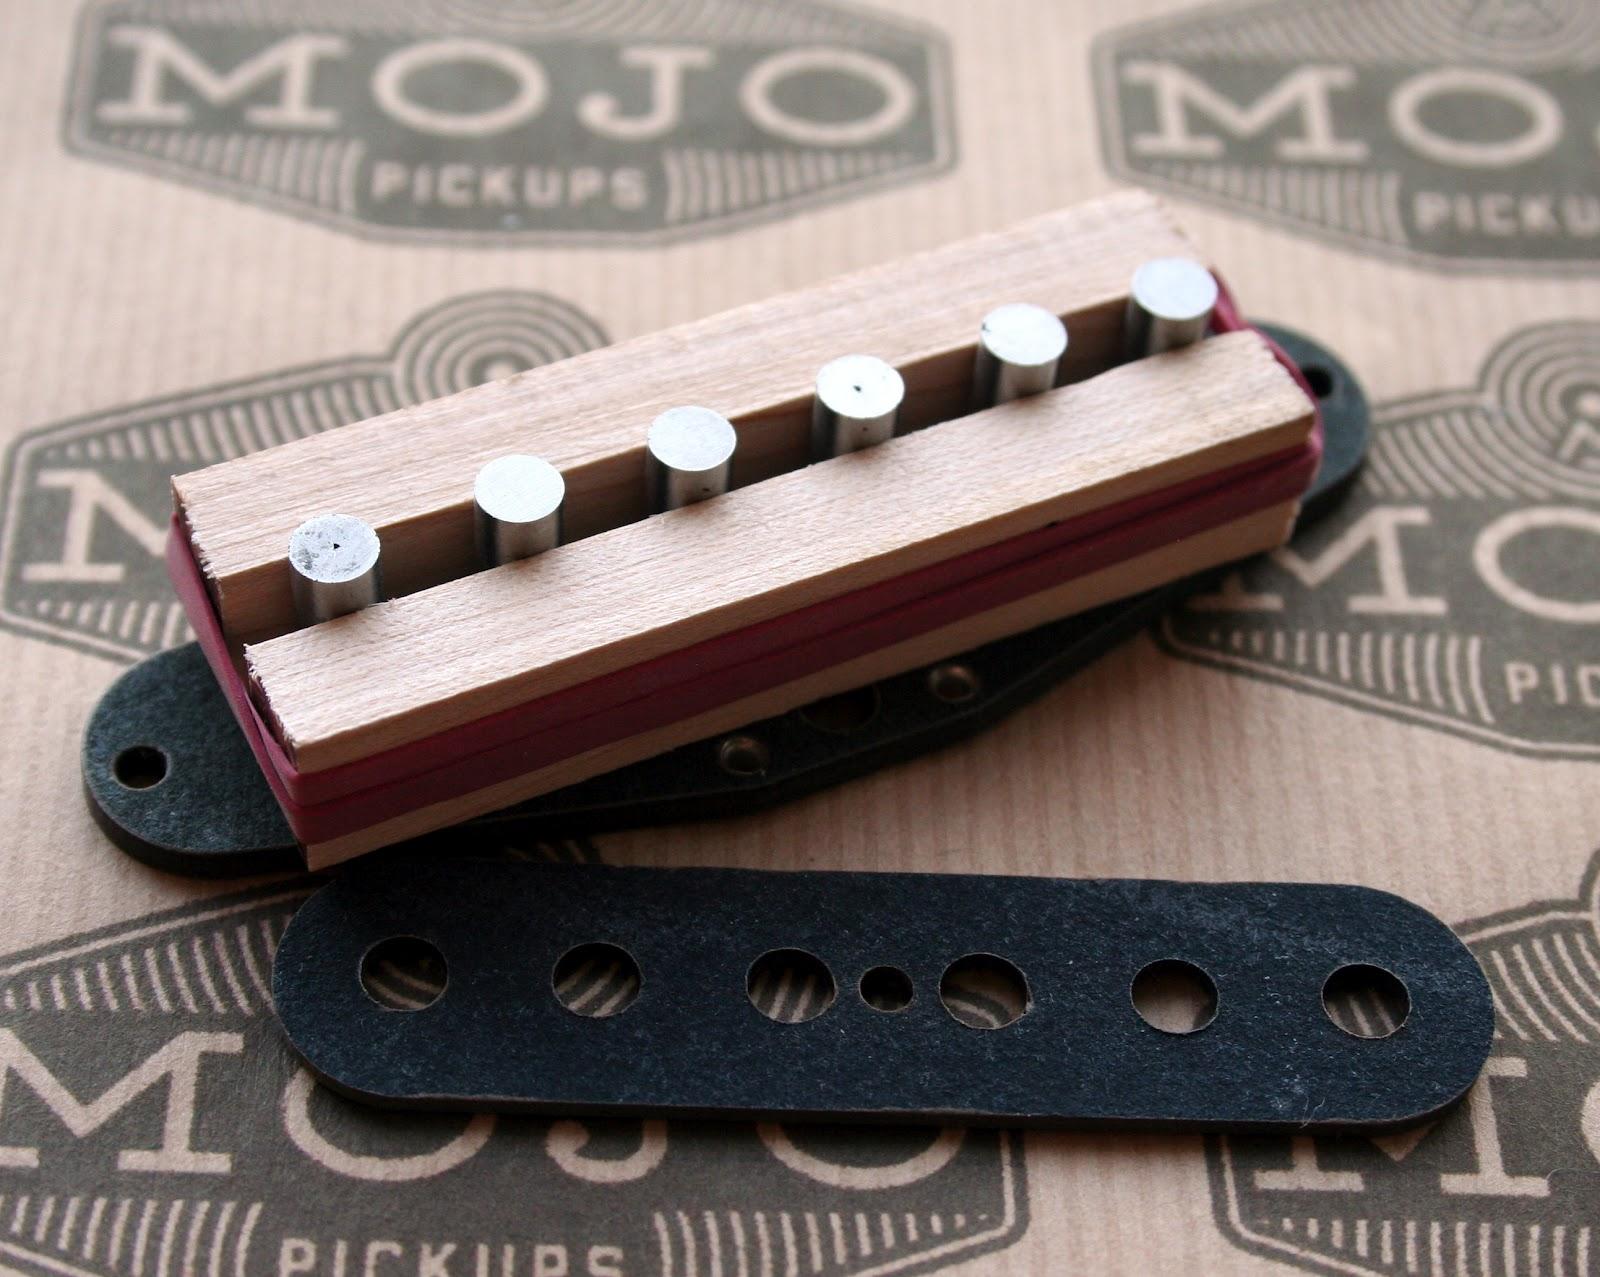 Mojo Pickups : Hot Strat Pickup Set   Mojo Pickups